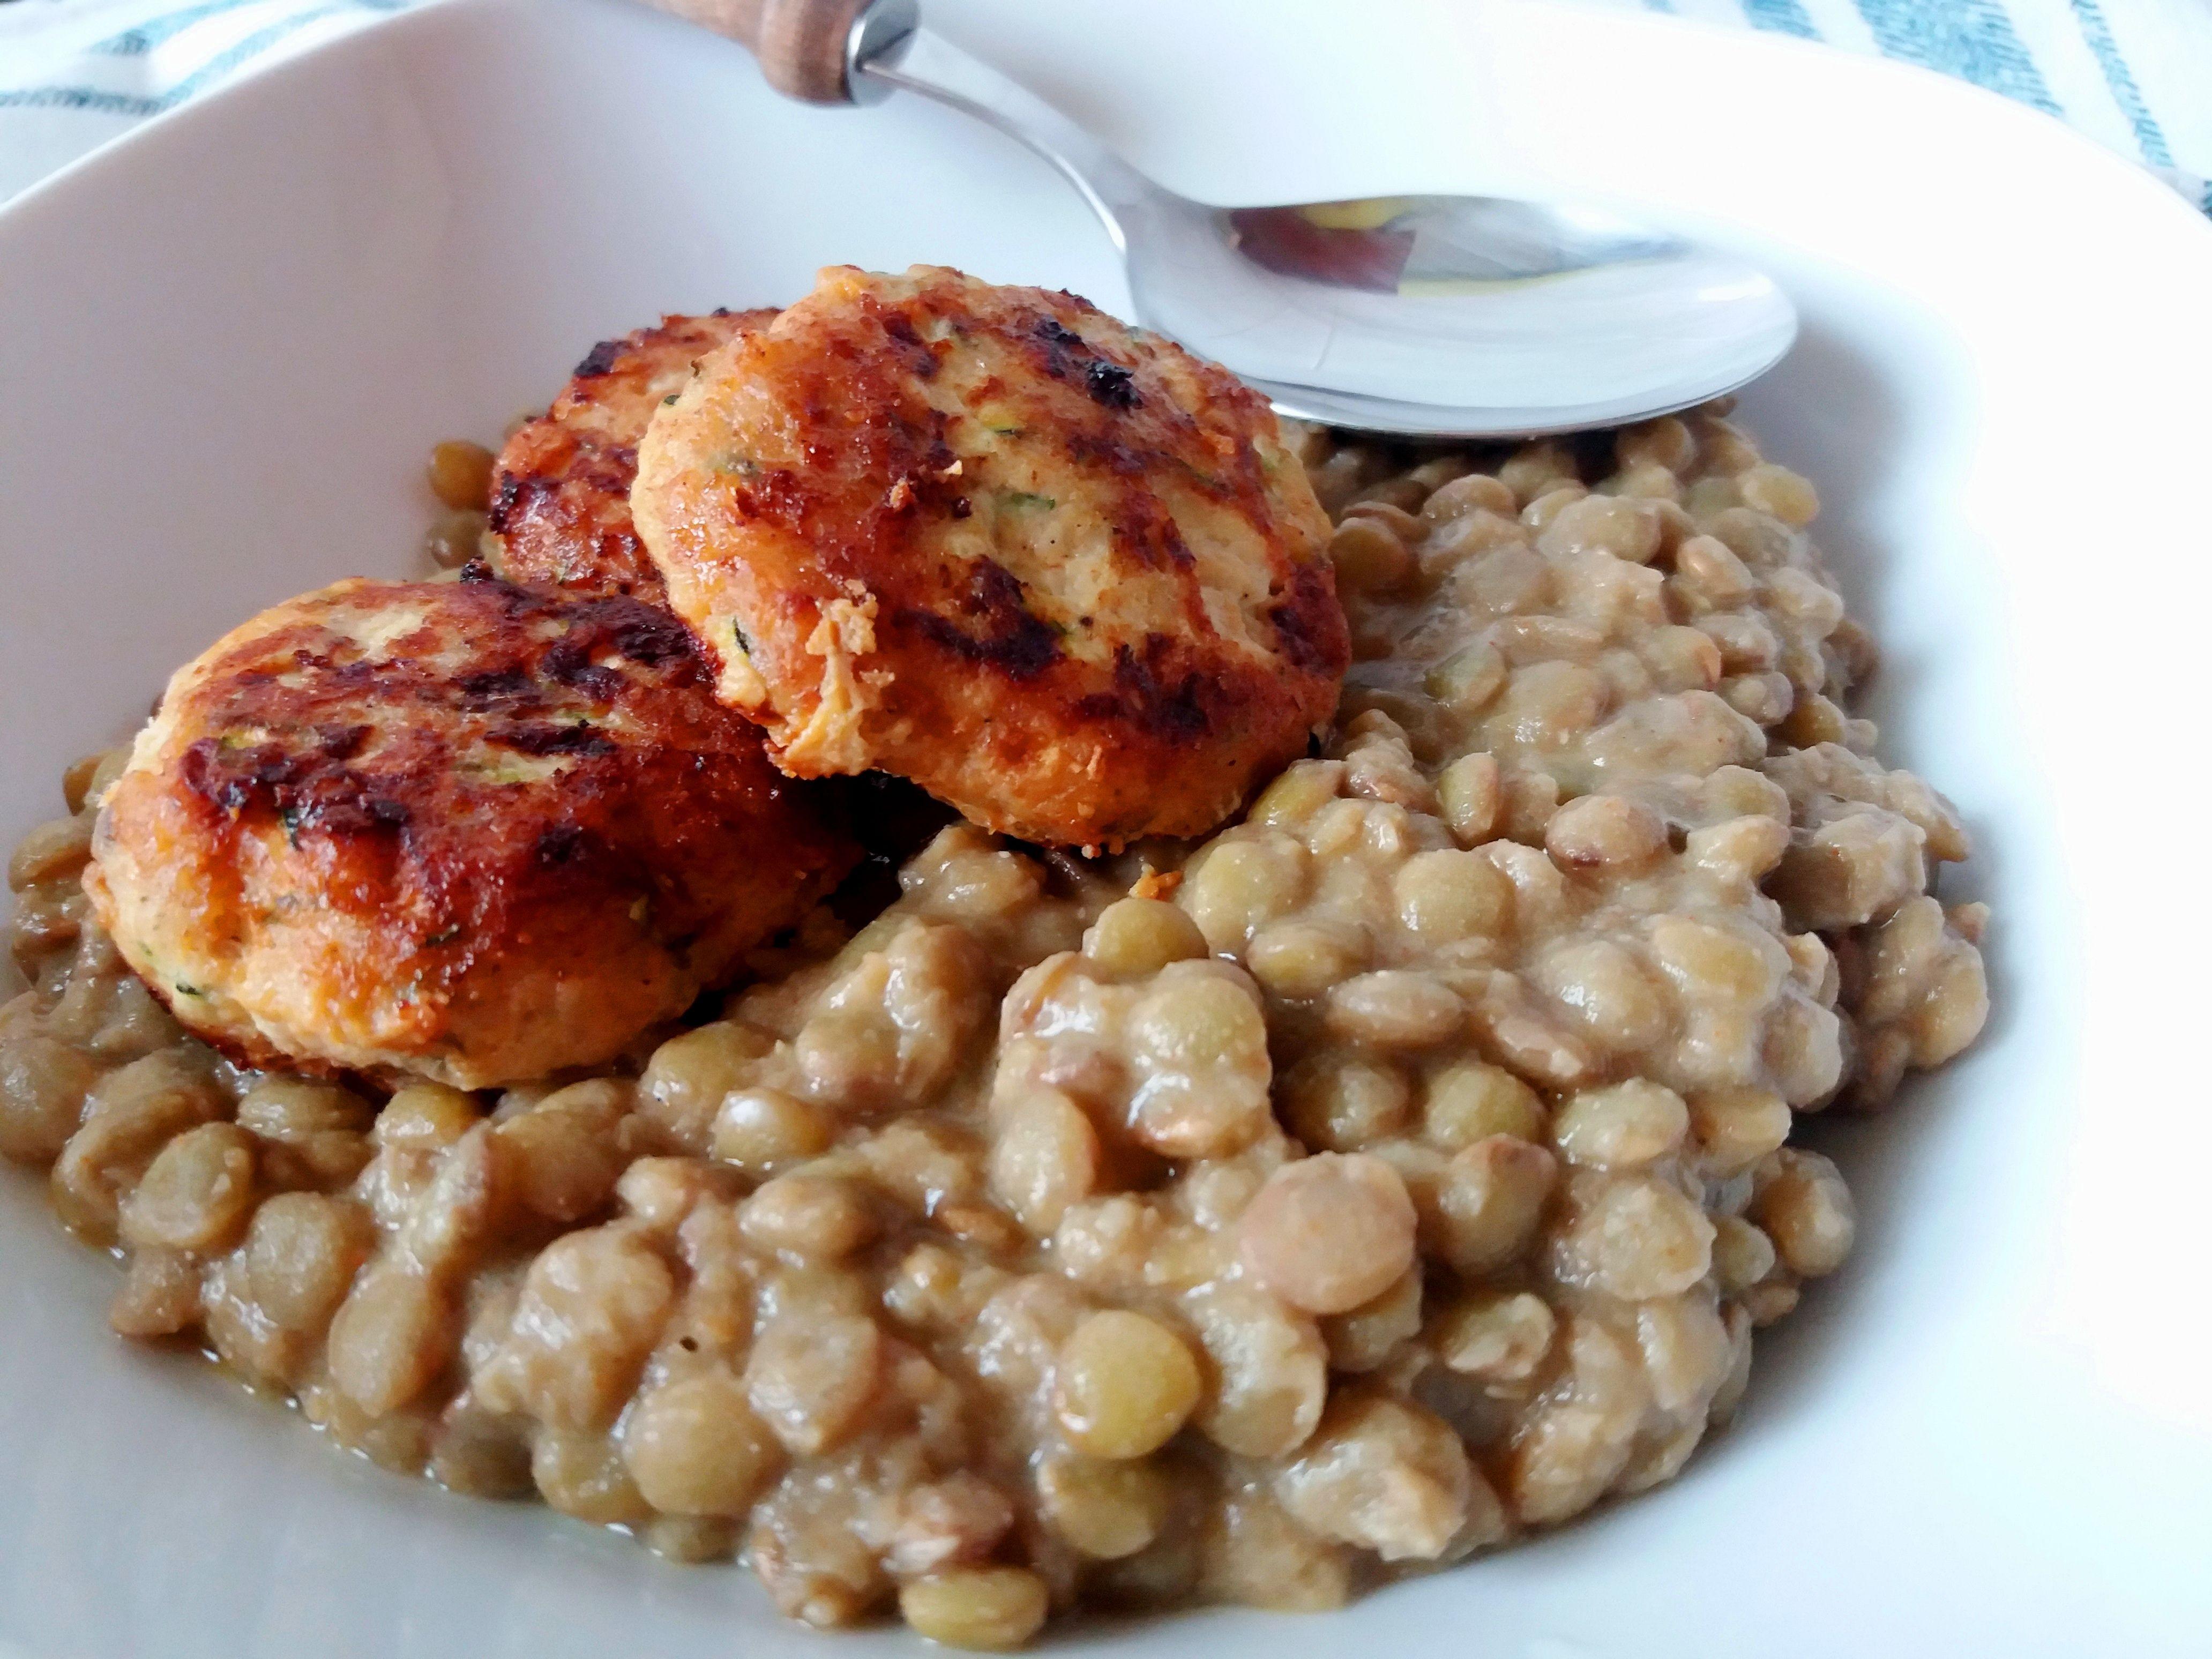 50+ Best Diétás ebéd ötletek images | ebédek, diétás receptek, diétás ételek